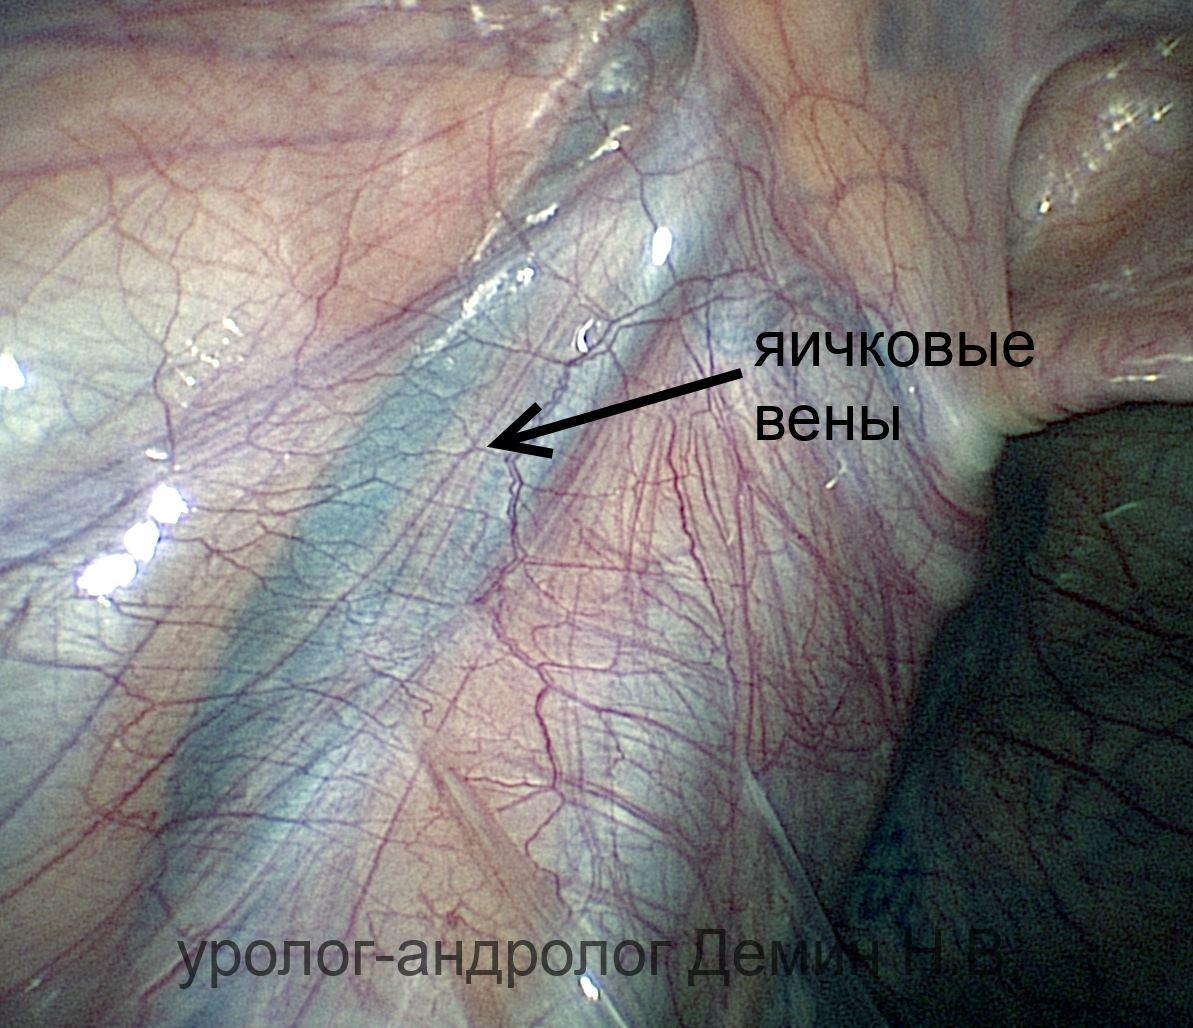 Лапароскопия, расширенные яичковые вены, фото